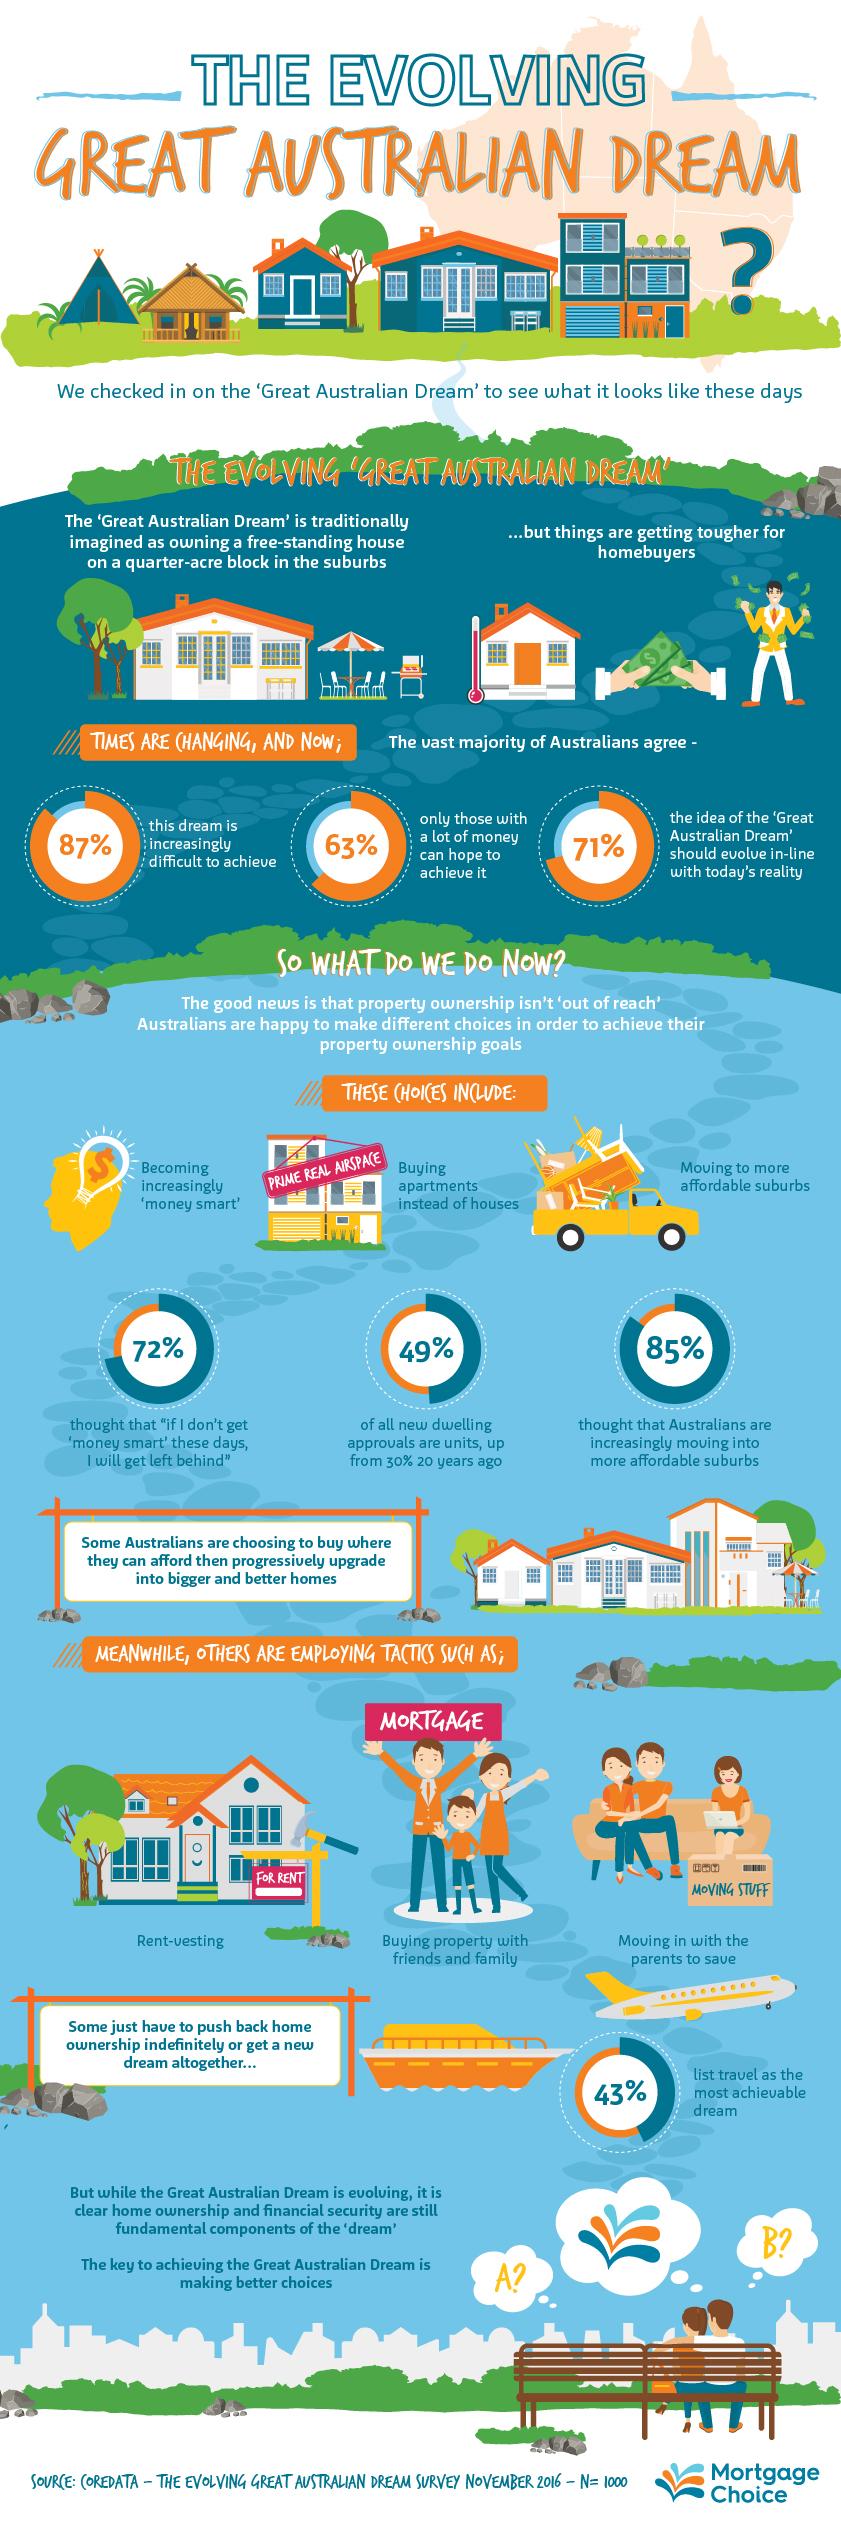 MOC The Evolving Great Australian Dream Infographic v1.5 (1) (1)